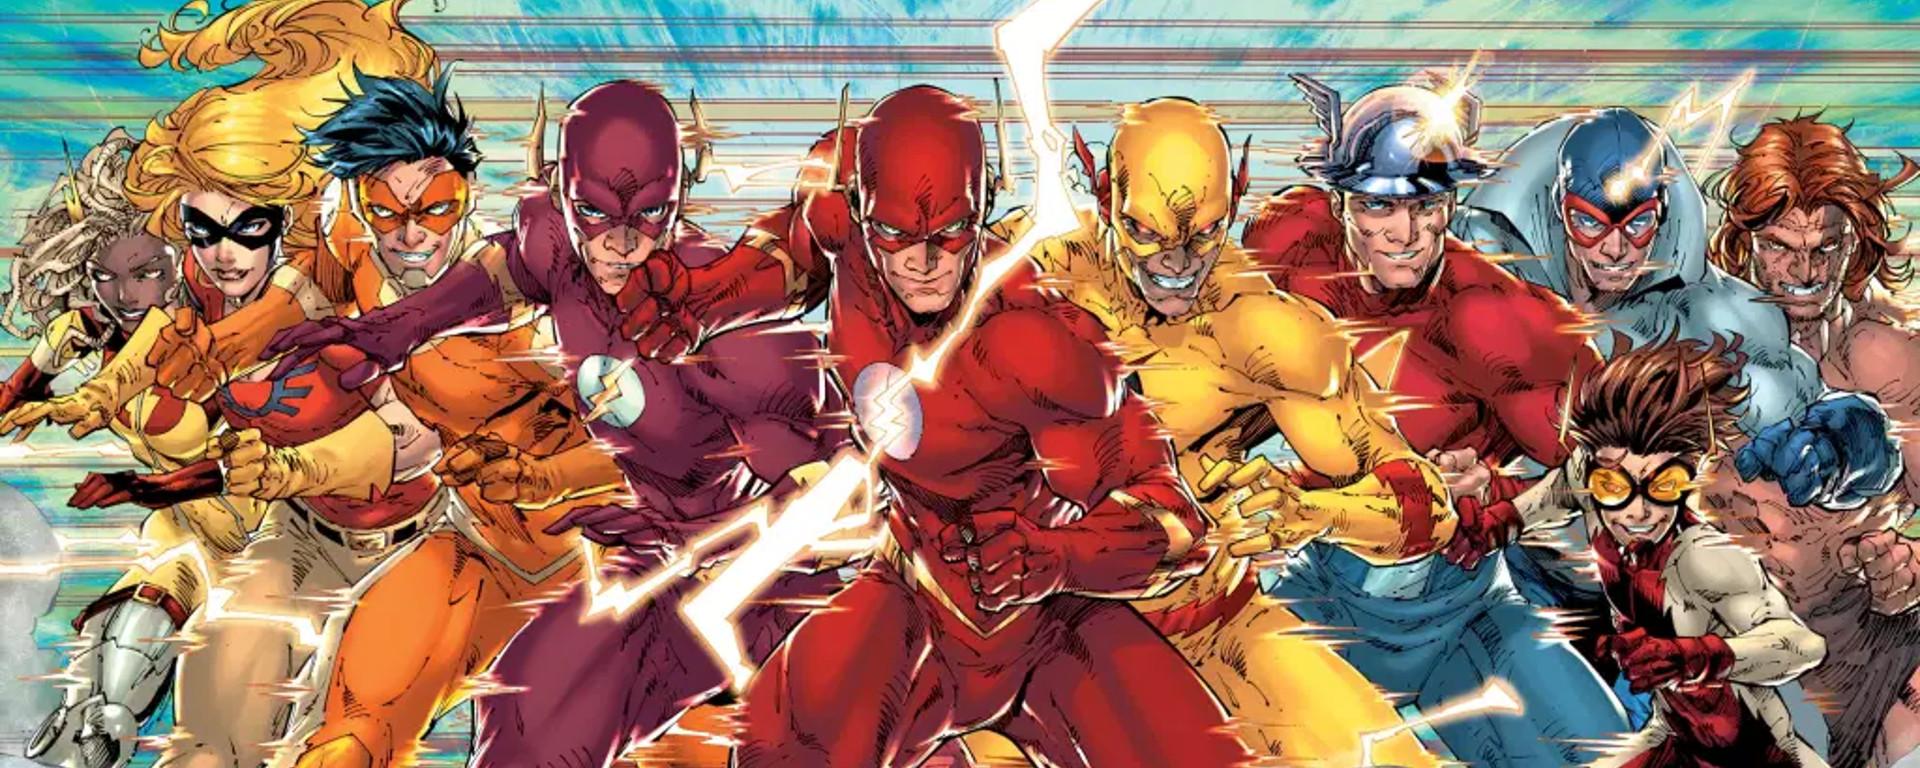 The Flash Annual #1 2001 Header